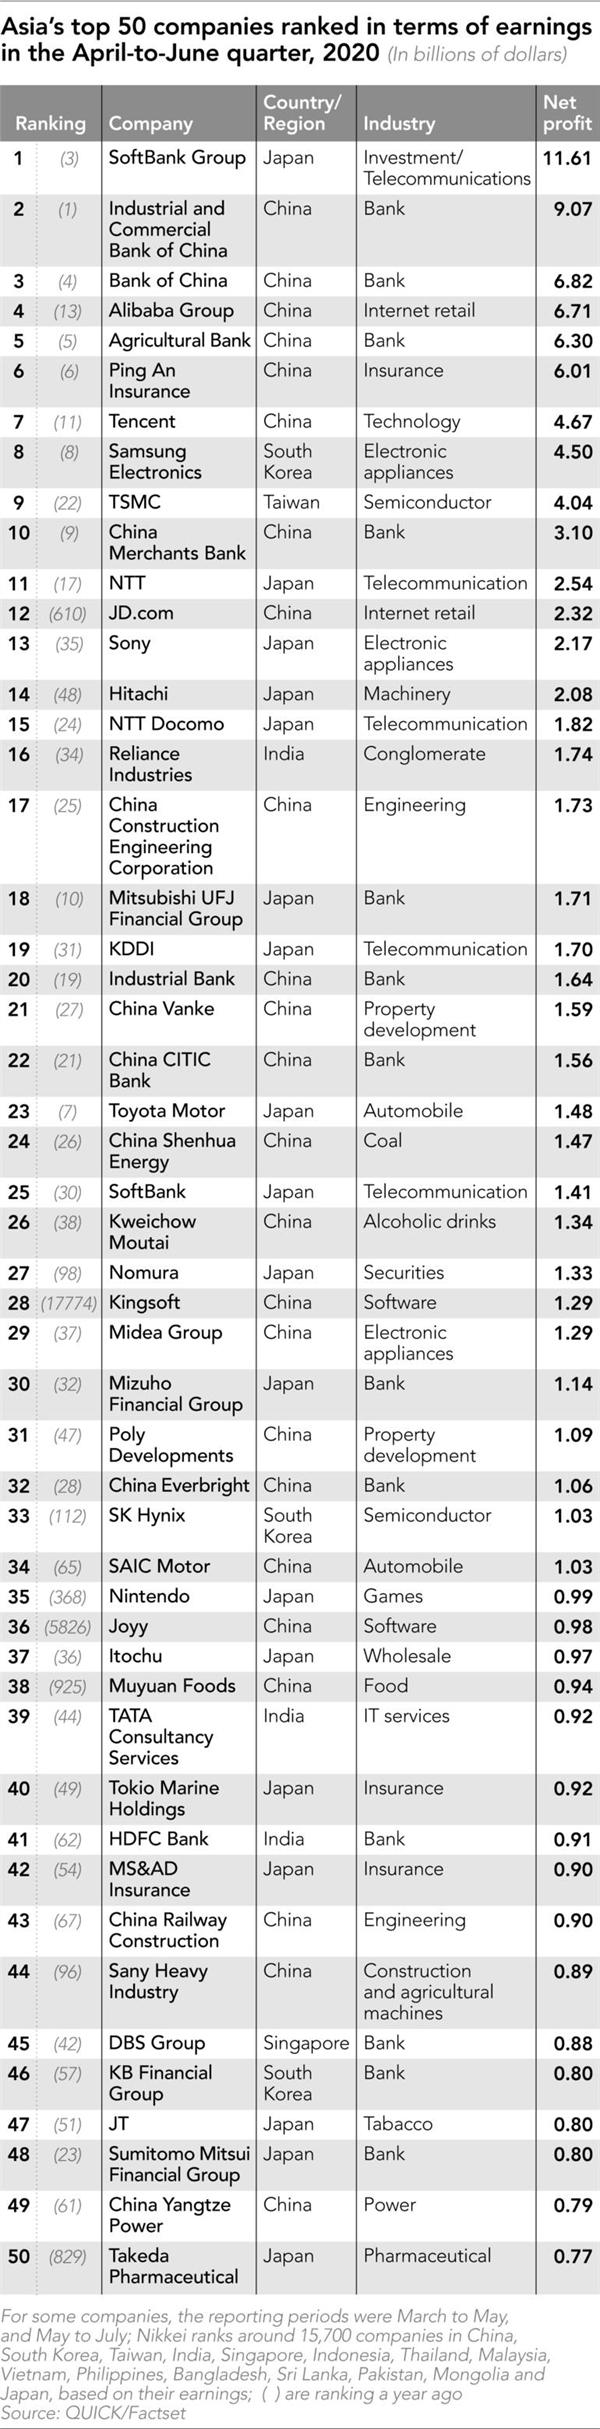 Bảng xếp hạng Top 50 công ty châu Á kinh doanh hiệu quả trong quý II, 2020. Nguồn ảnh: FactSet.